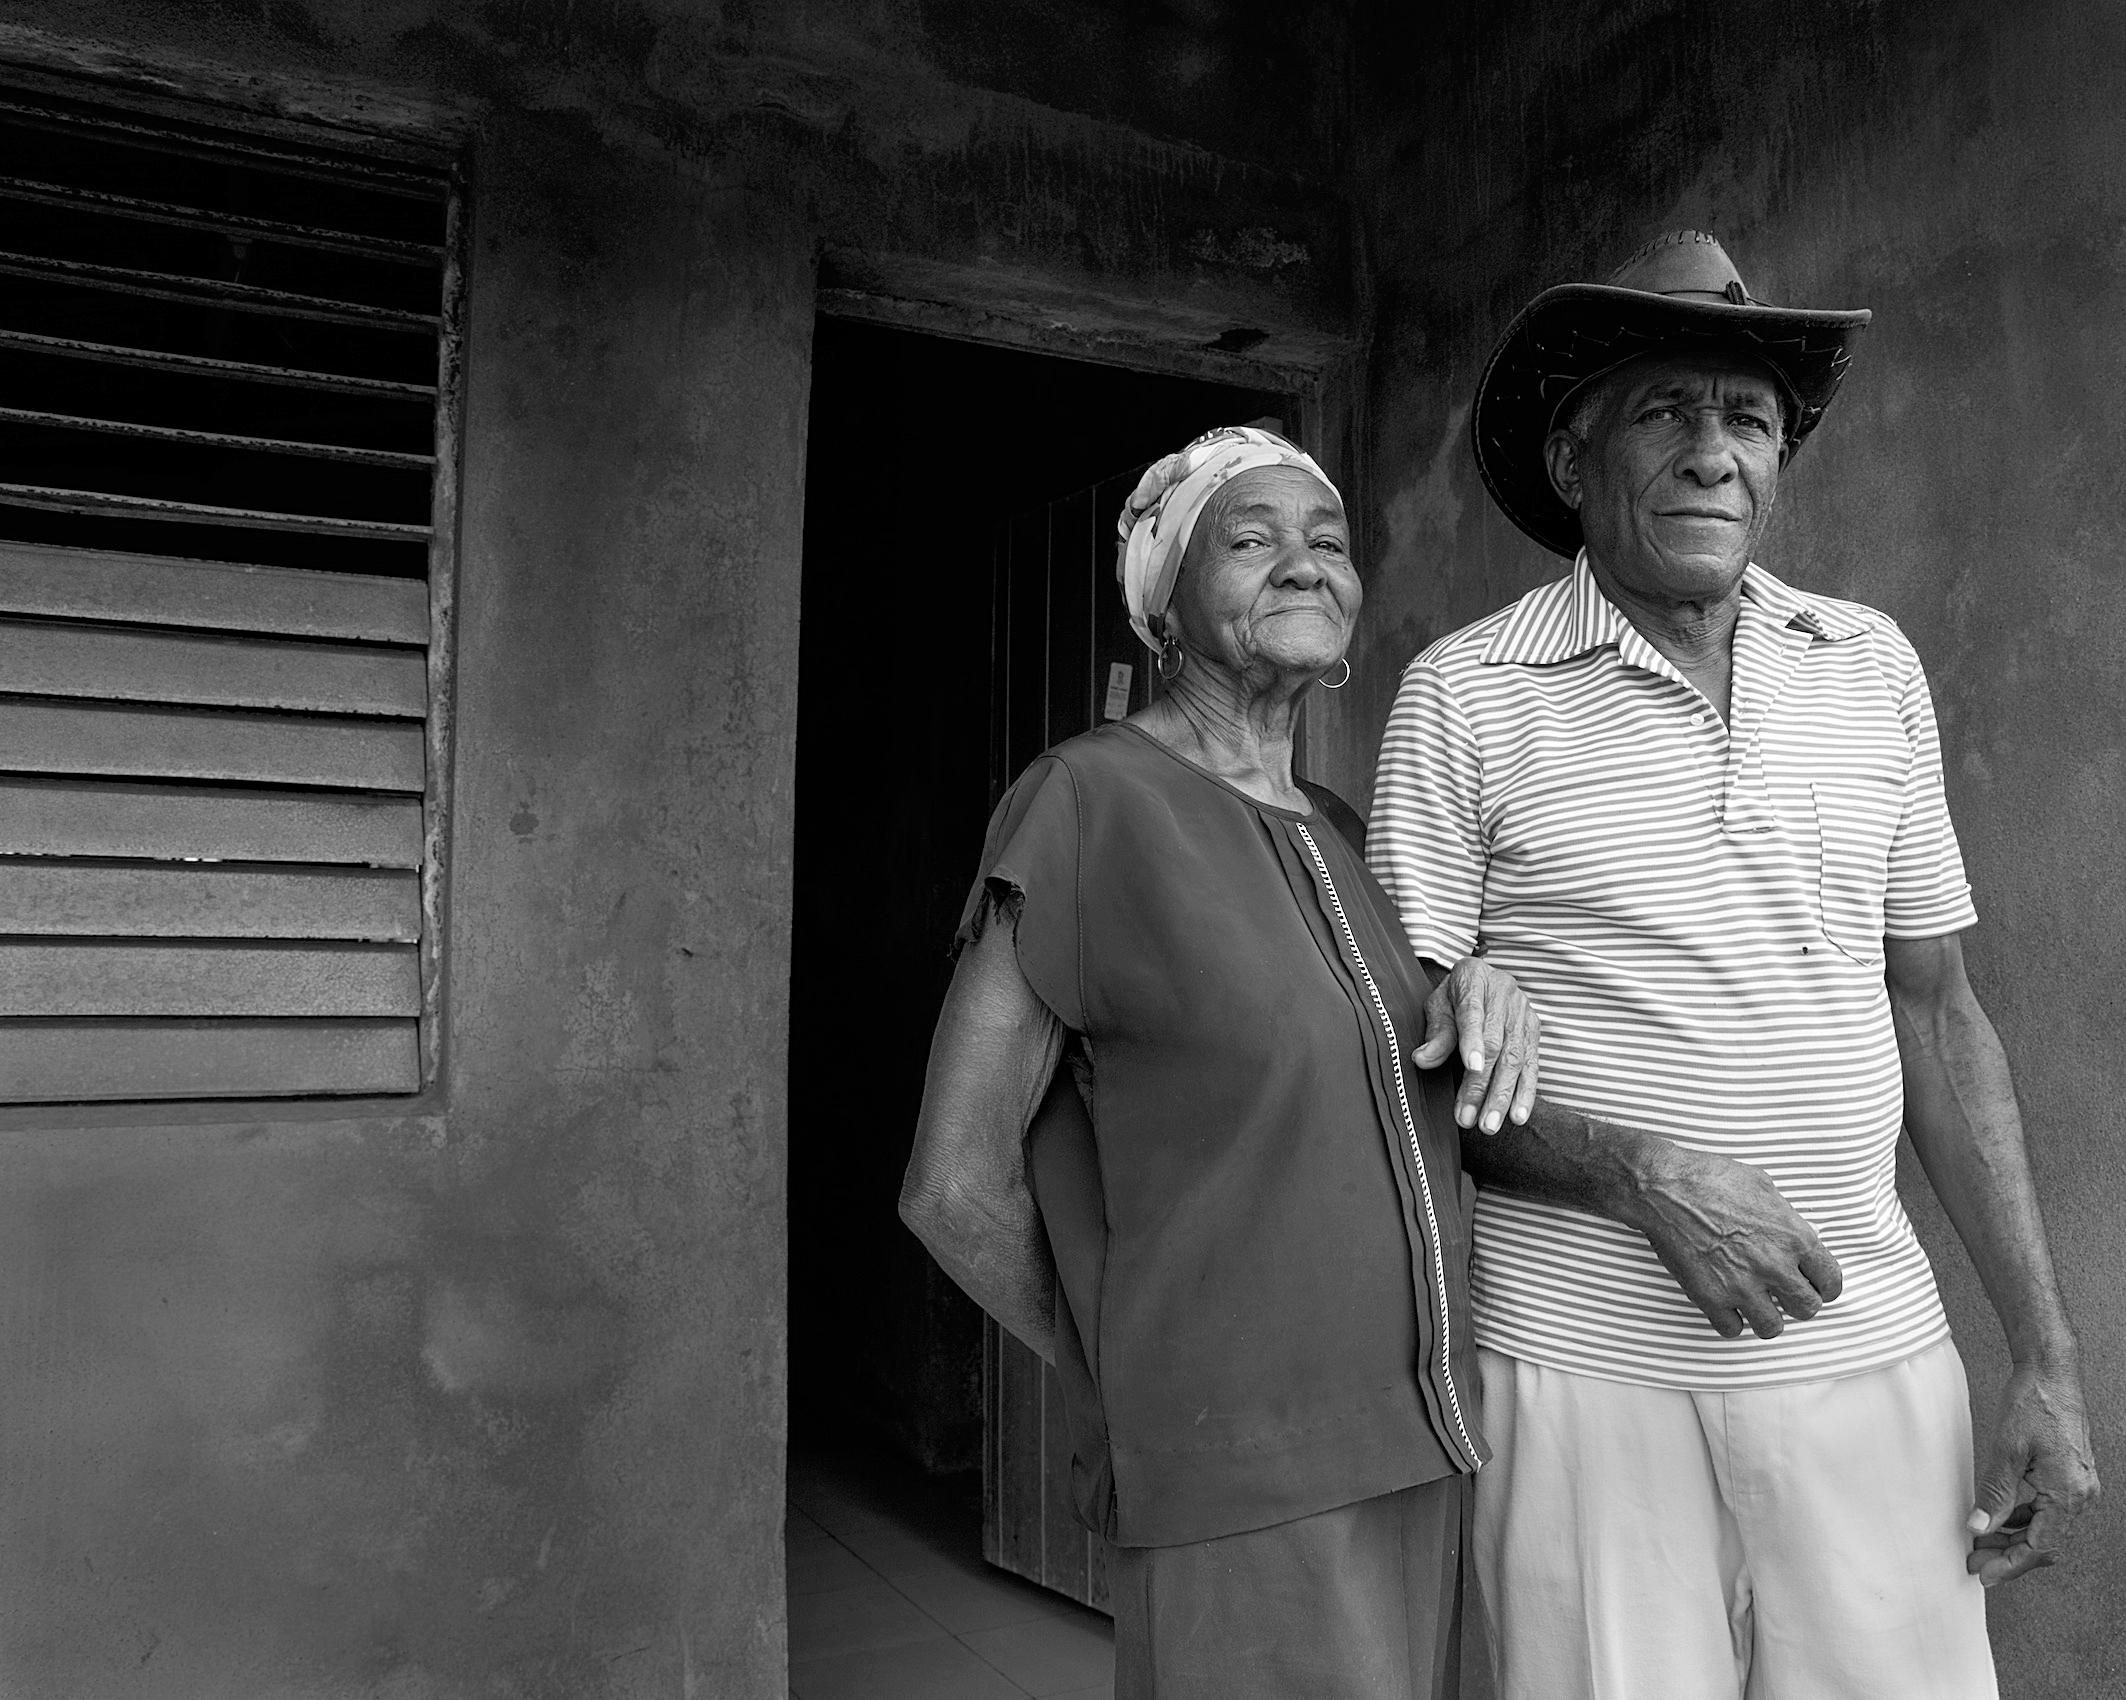 portrait of Cuban couple